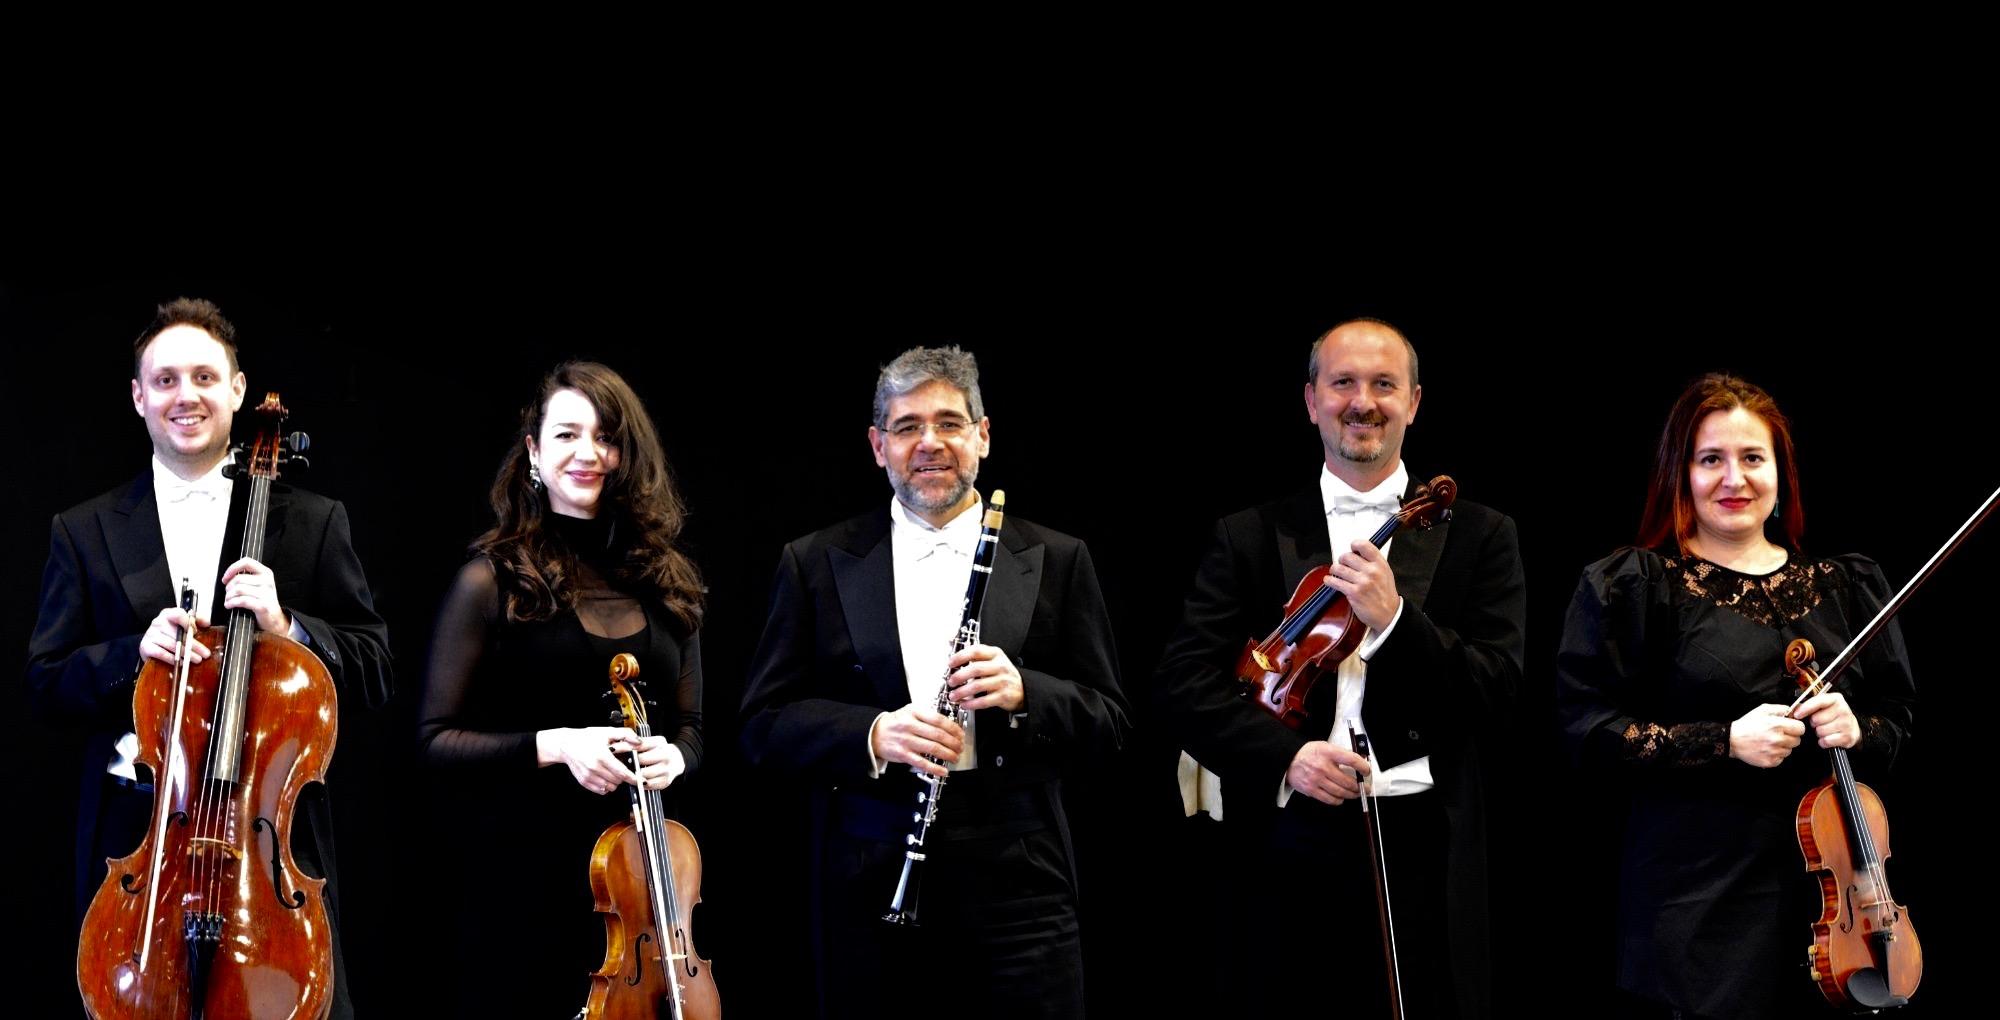 Imagen del Evento Quinteto para clarinete, de W. A. Mozart, y Cuarteto en Sib. M. Op.18, número 6, de L. V. Beethoven